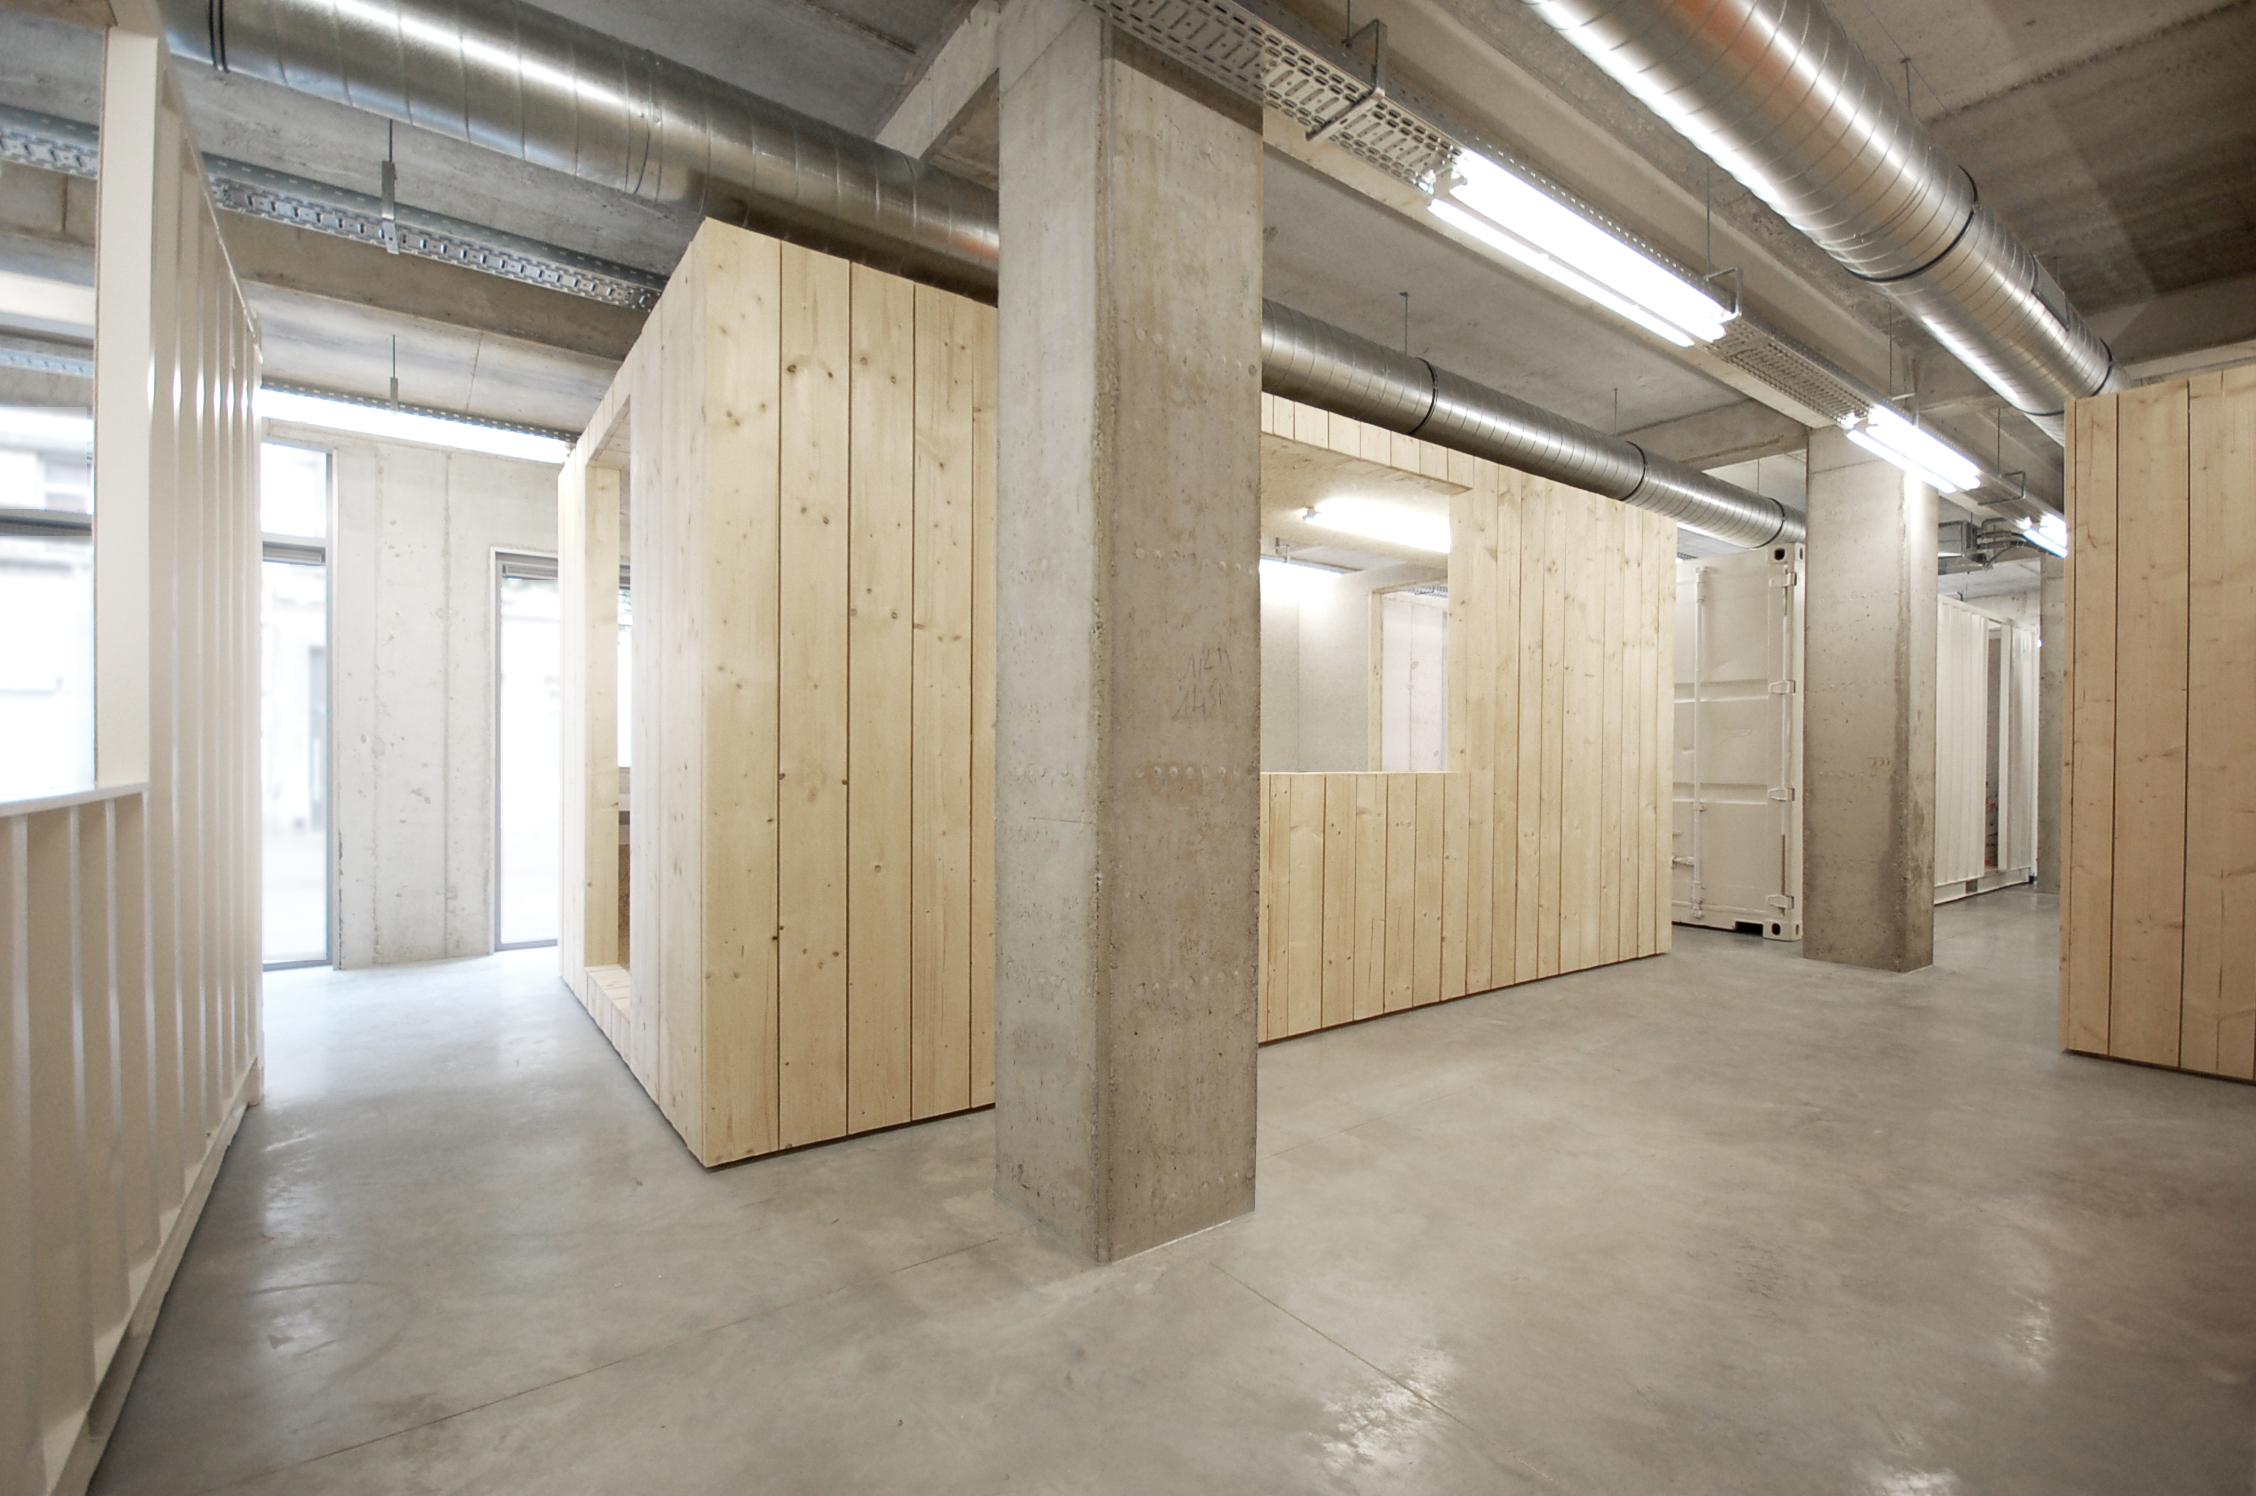 demeestervliegen-architecture-interior-interiorarchitecture-office34.jpg